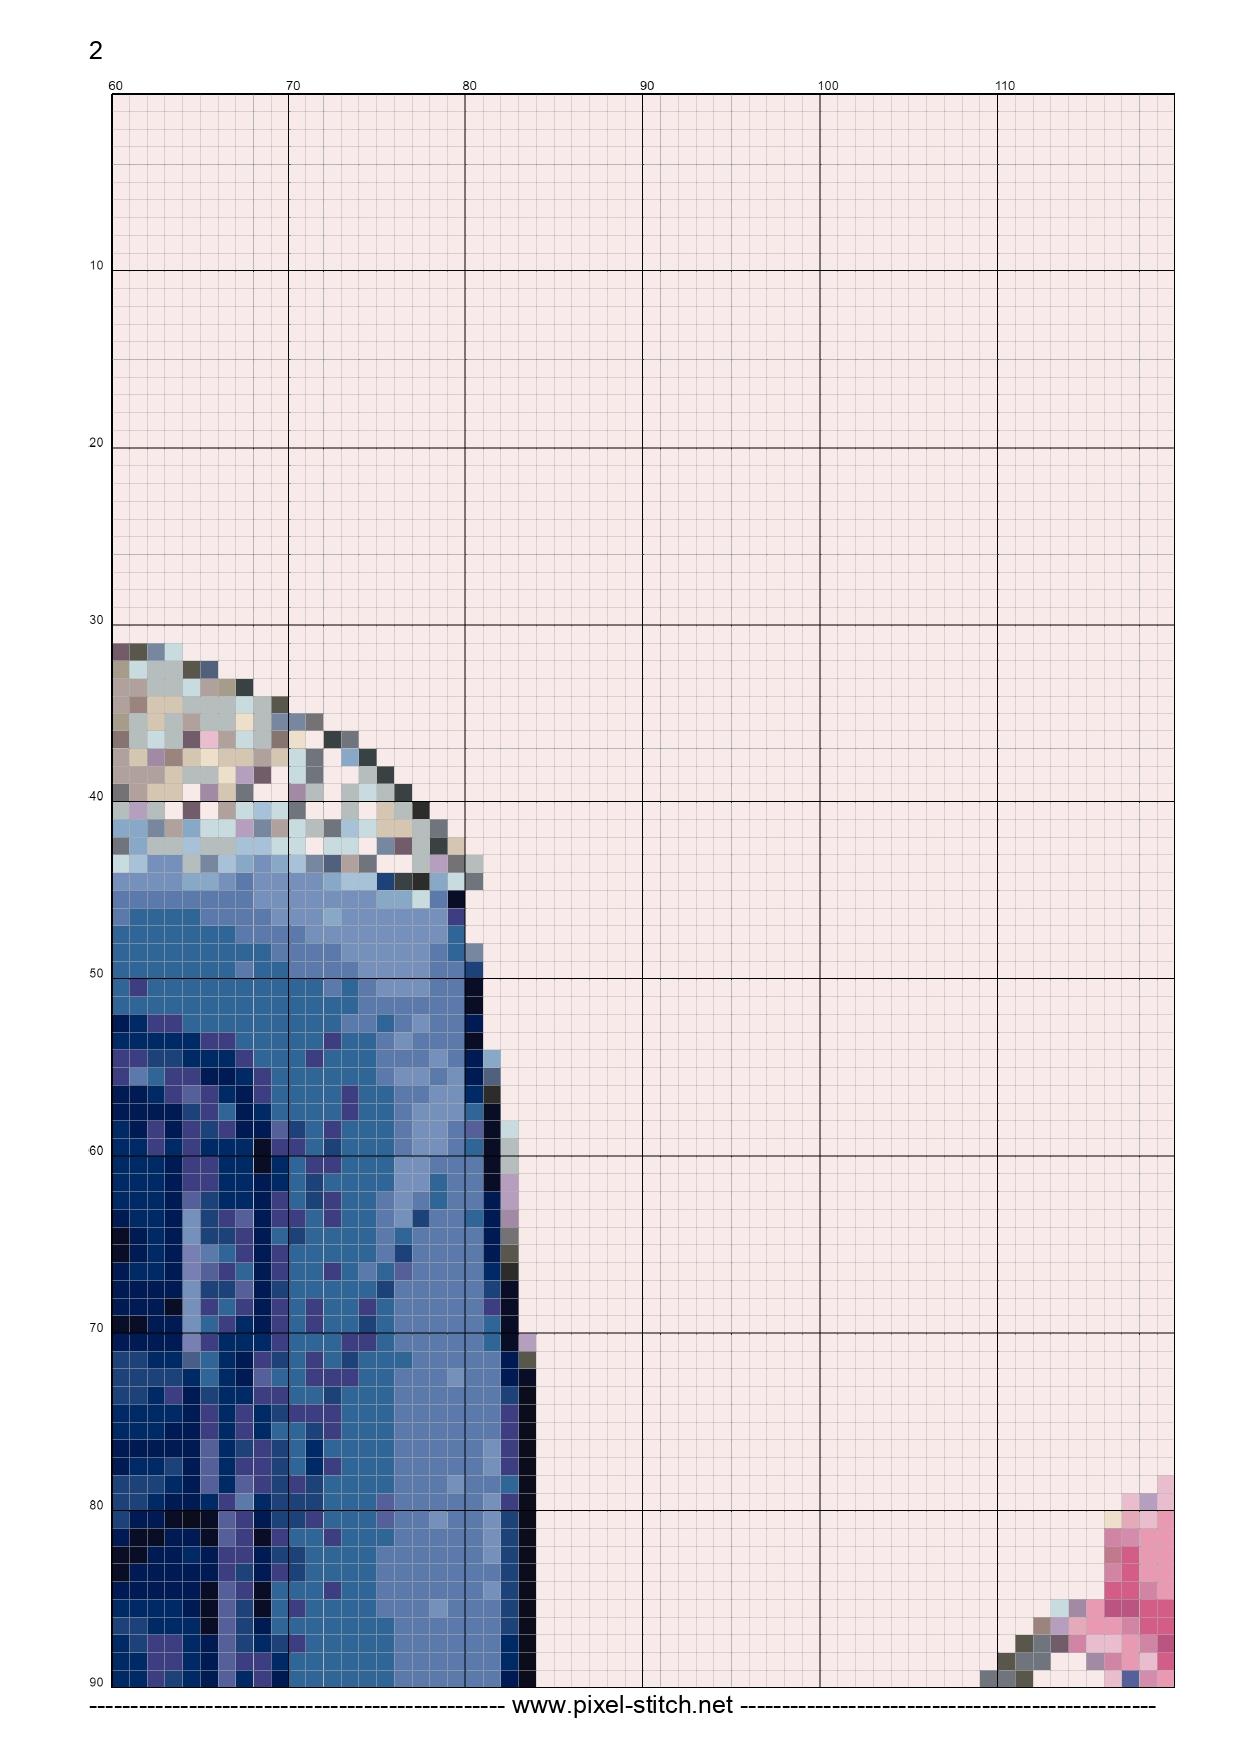 Джинсы и тюльпаны. Схемы вышивки крестом (5)